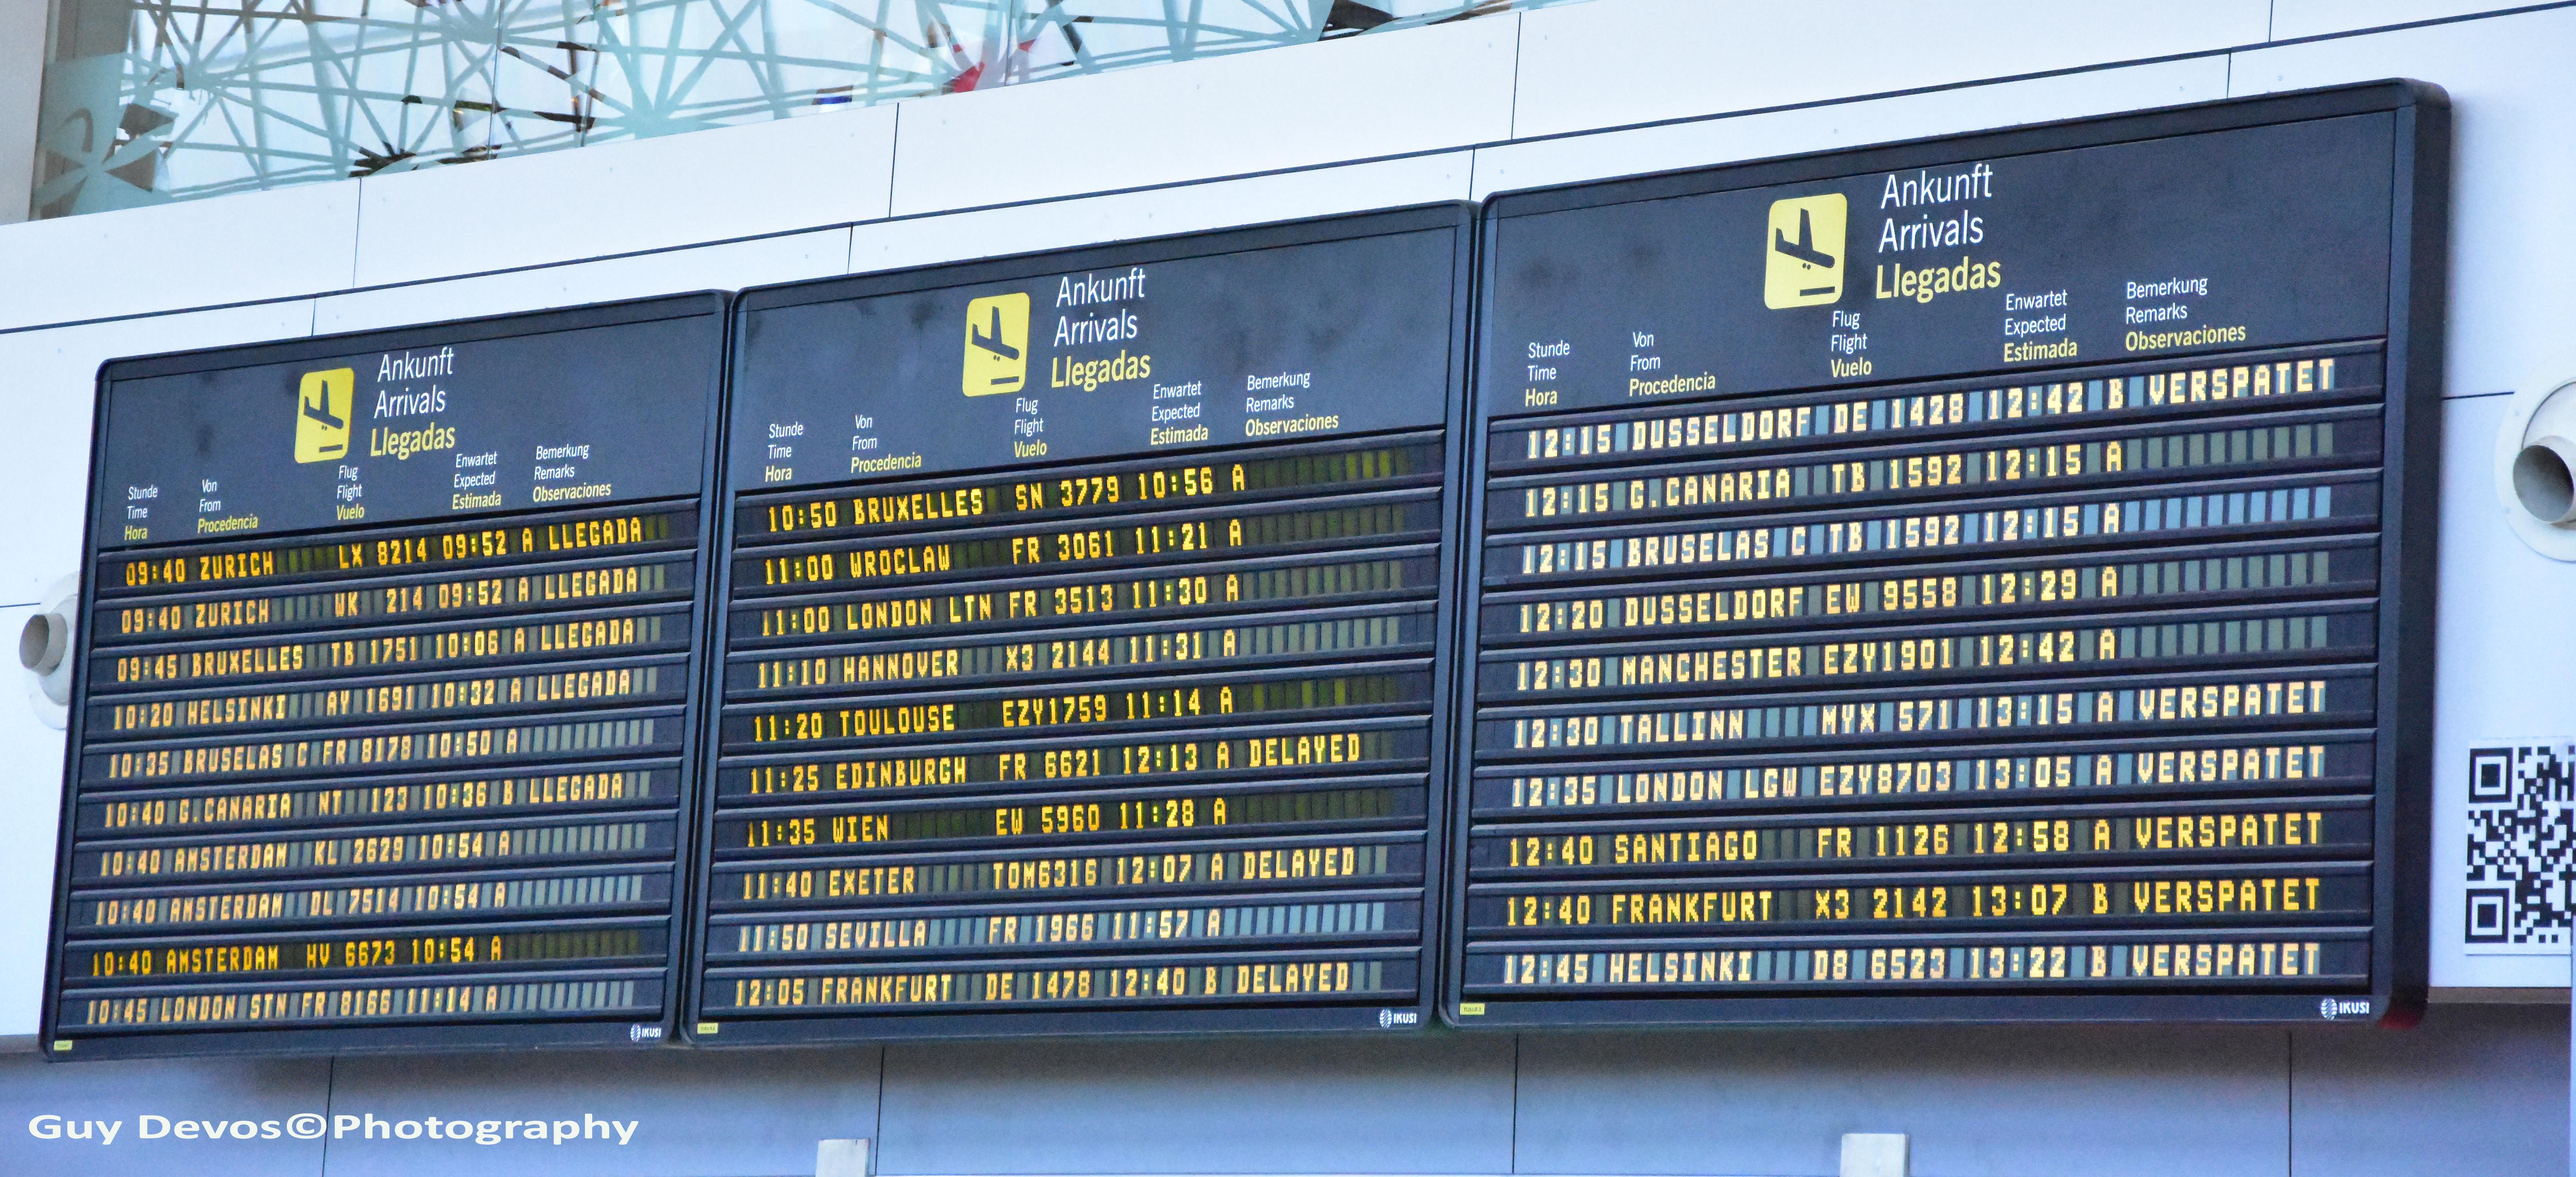 Tenerife-Connect vlucht-vertraagd vlucht uitgesteld